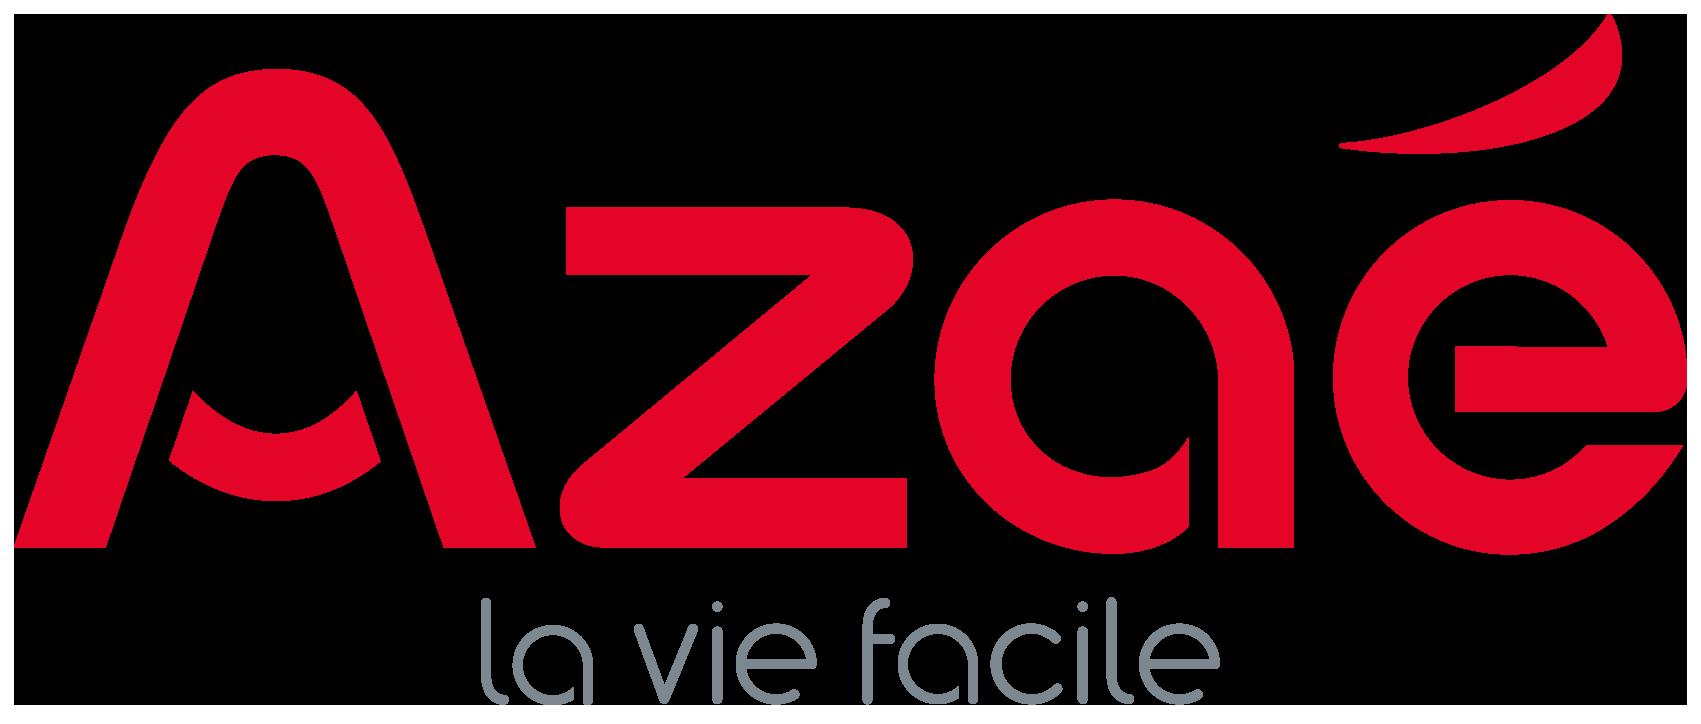 Azaé Metz - Aide à domicile et femme de ménage garde d'enfants